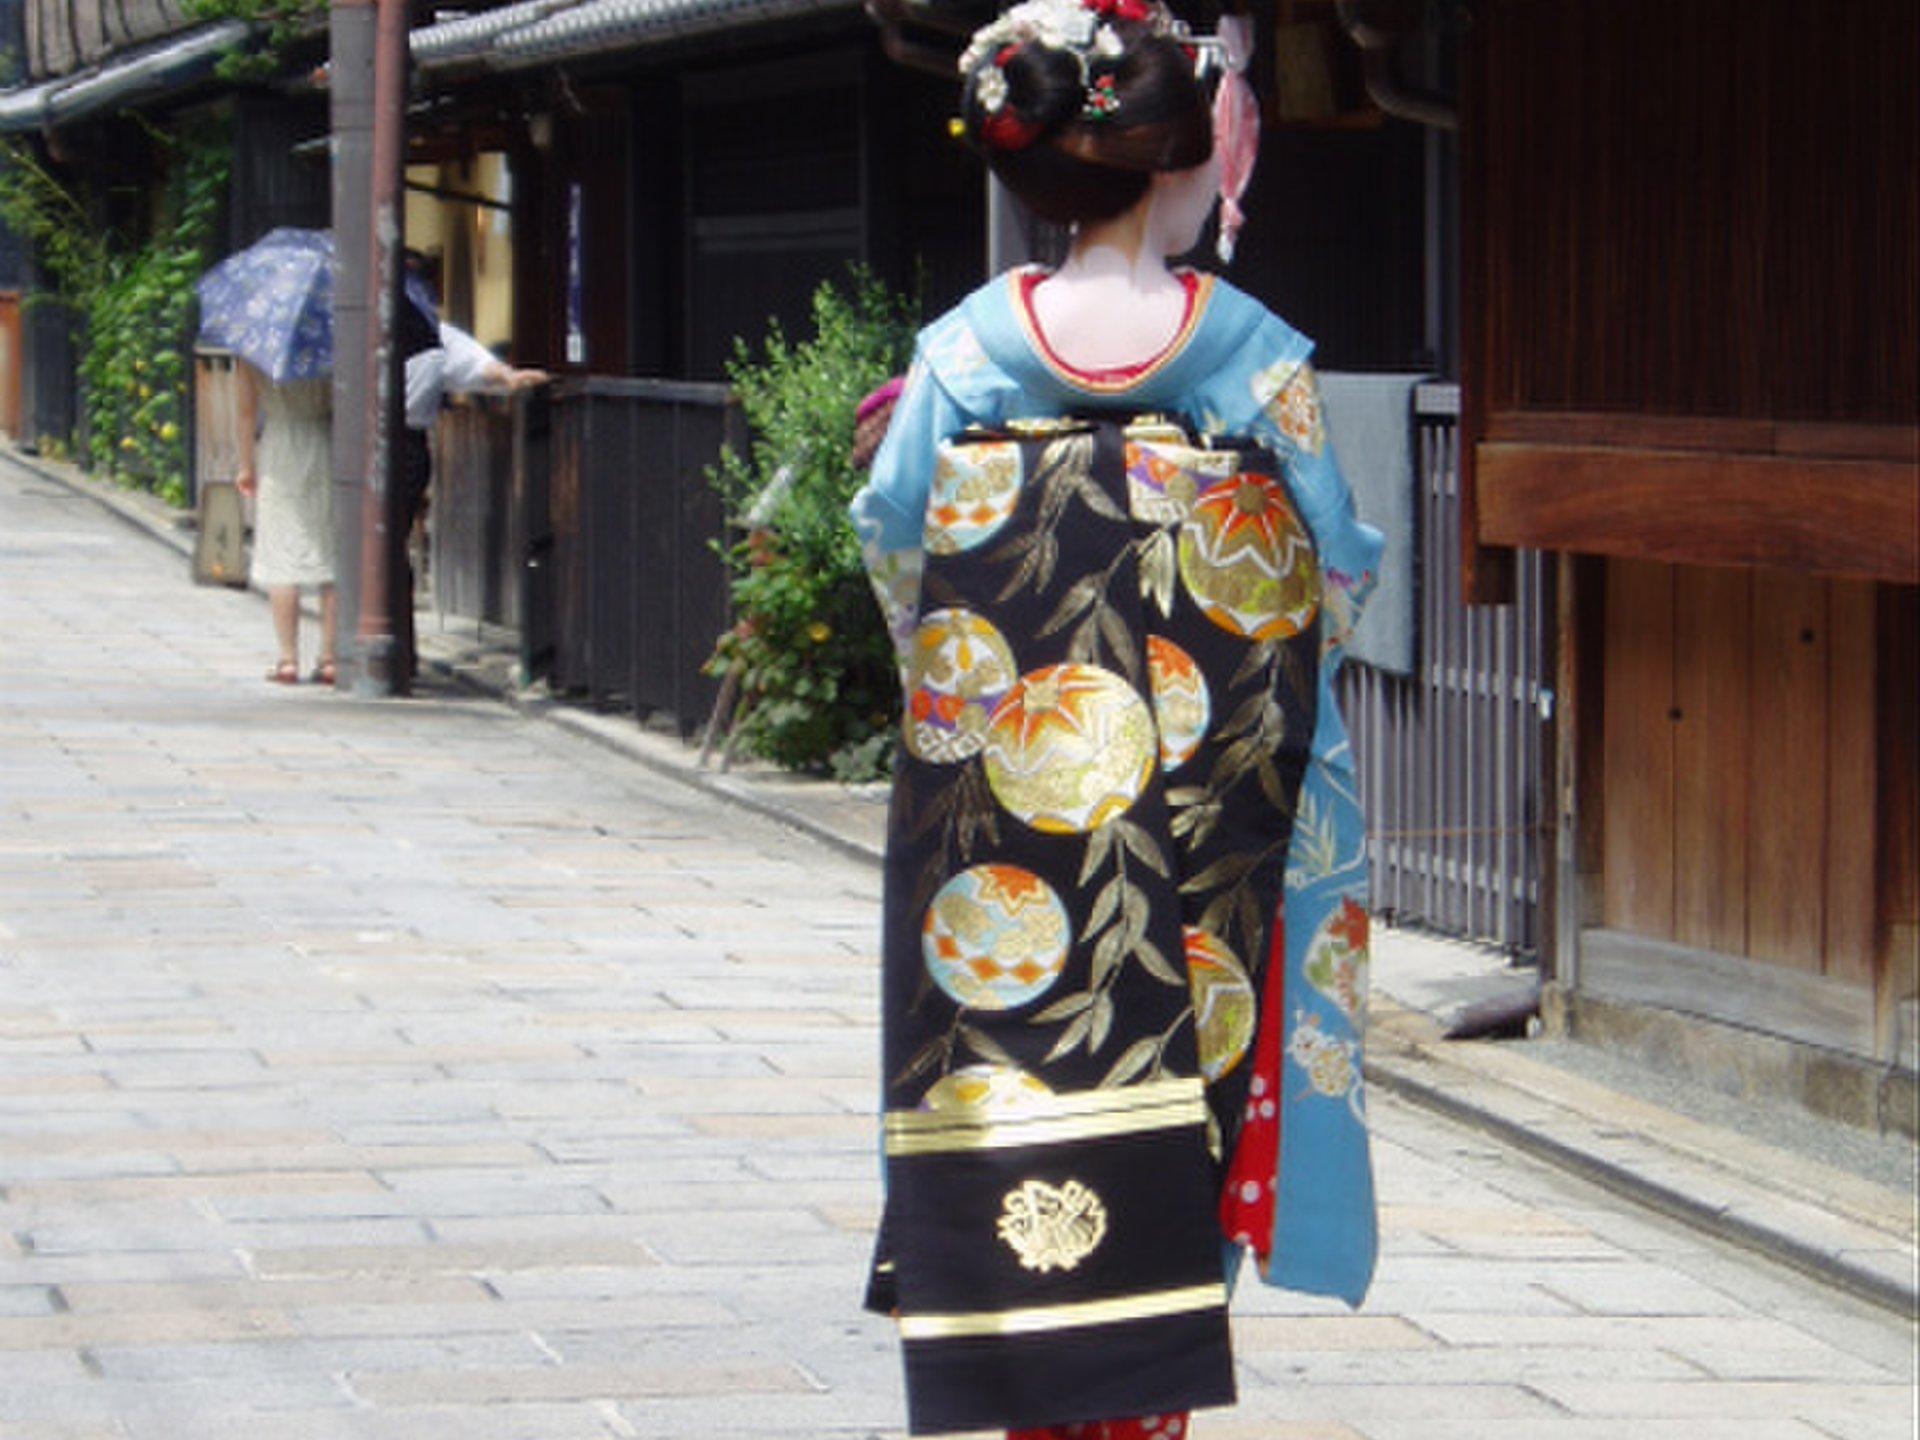 京都の遊び場!子供も楽しめる絶対にハズさないおすすめスポット10選